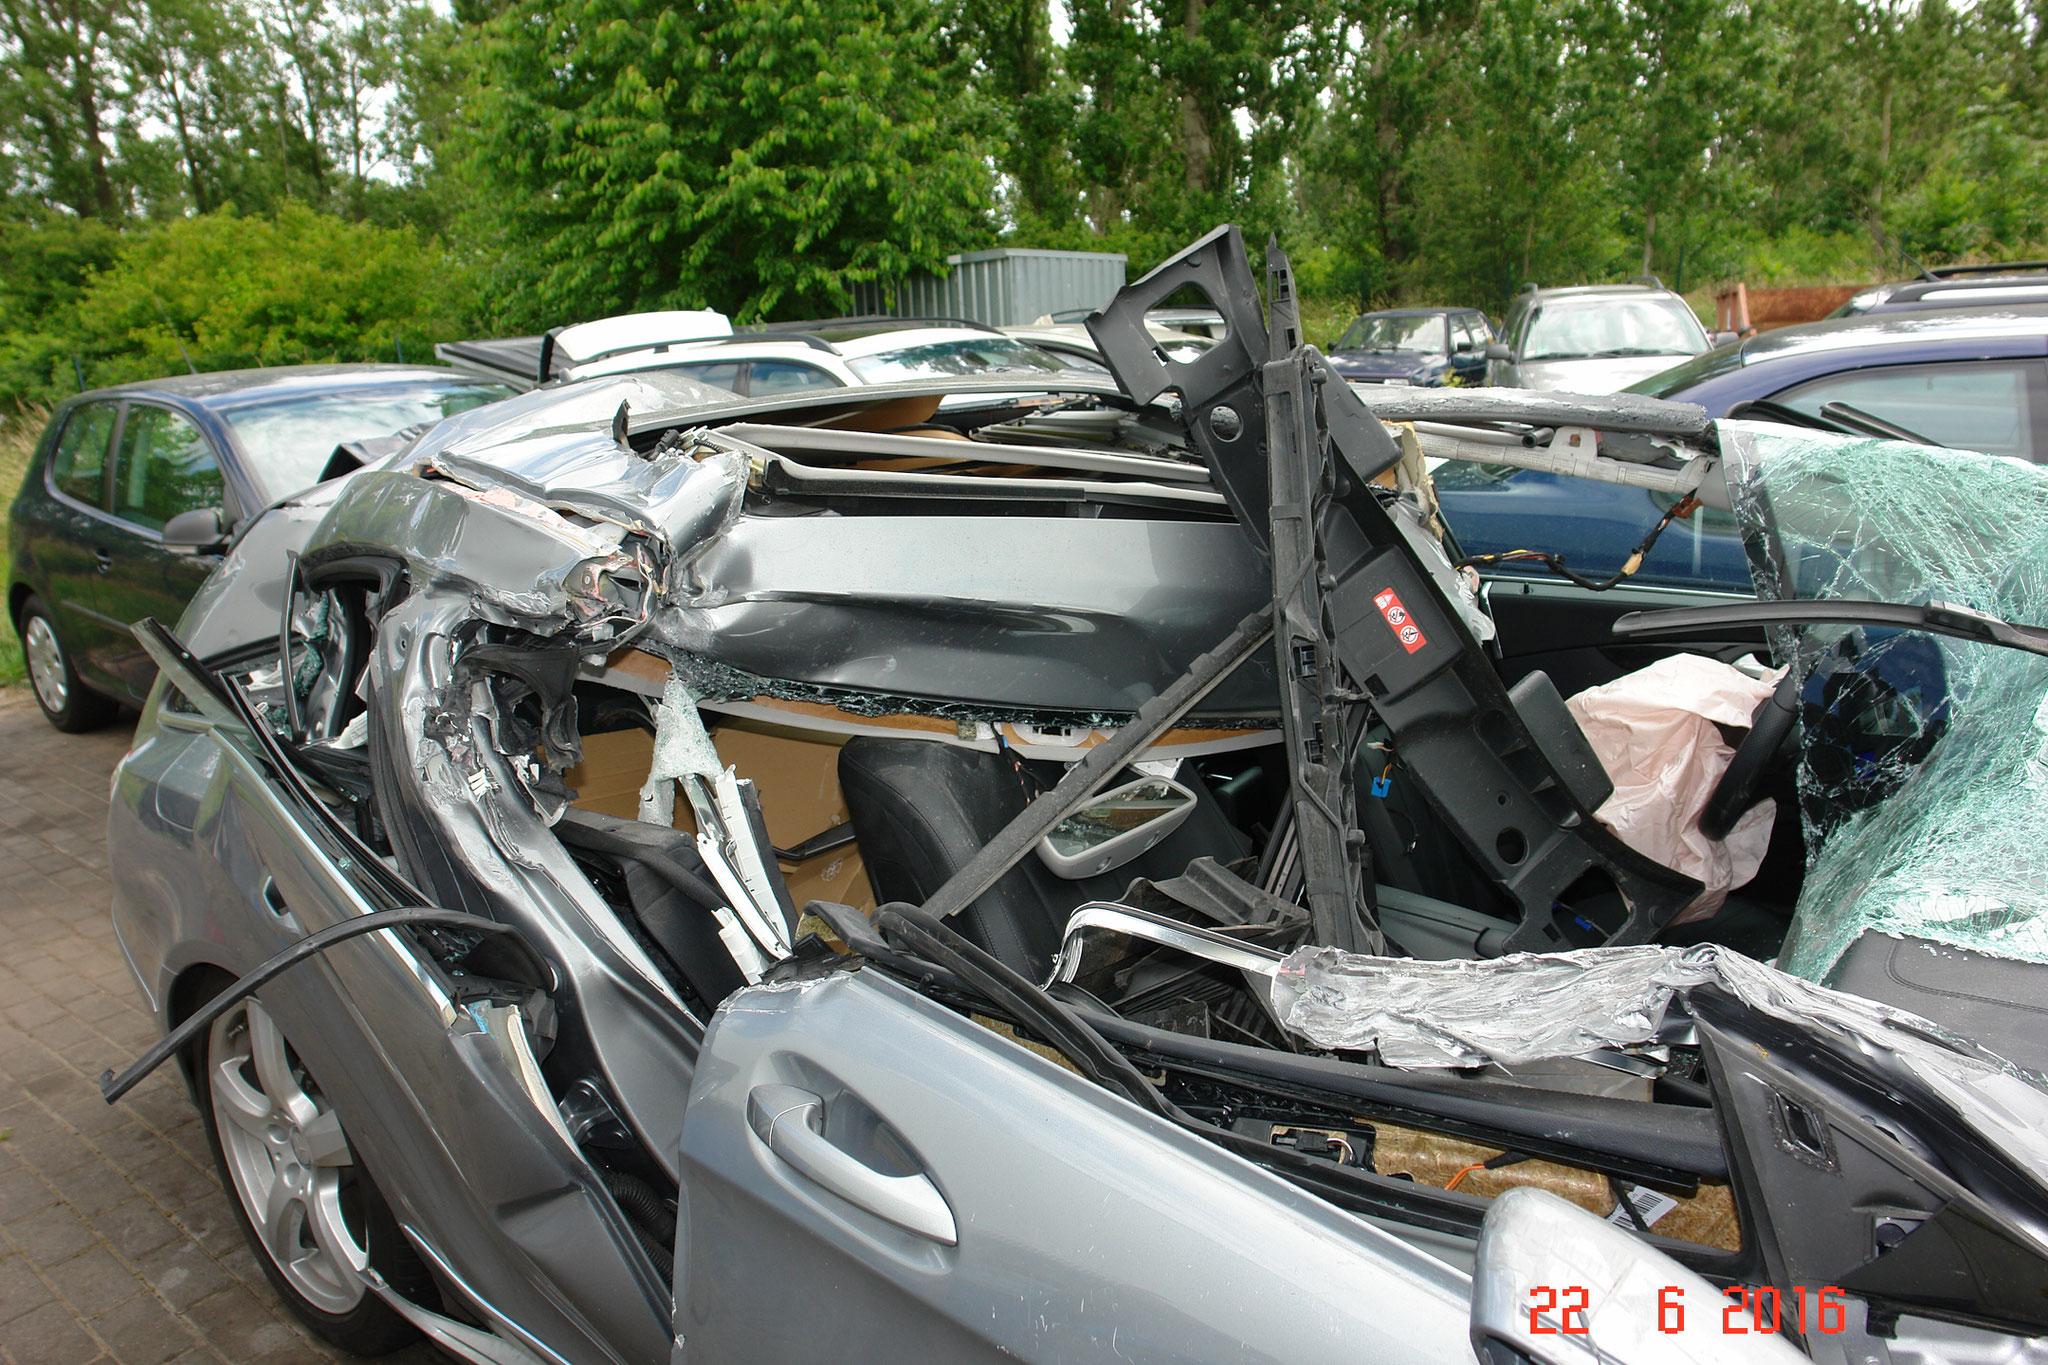 komplett zerstörte Dachfläche, Teile der Karosse ragen in den Innenraum